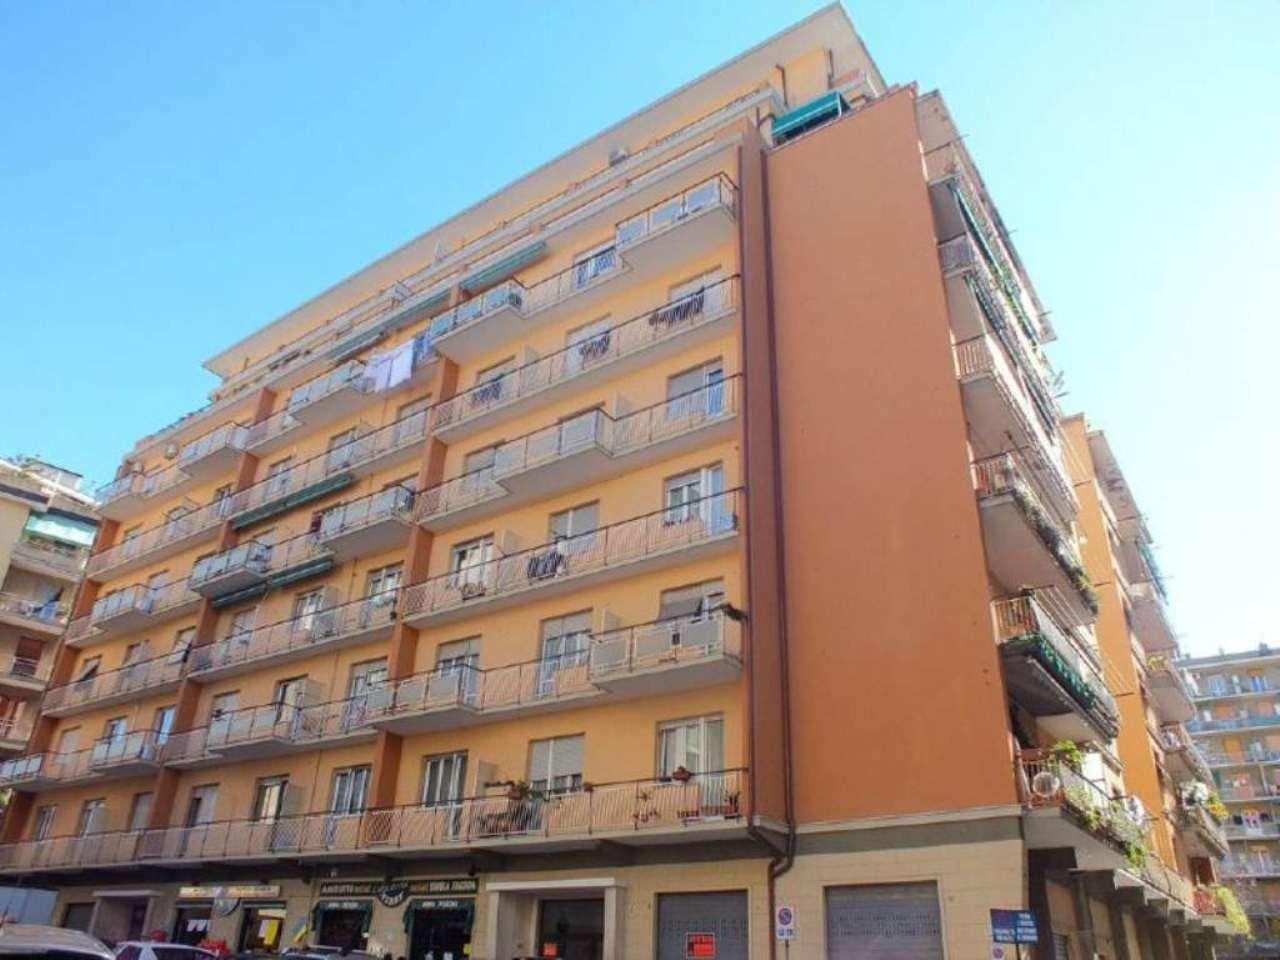 Appartamento in vendita a Genova, 5 locali, zona Zona: 13 . Sestri Ponente, Medio Ponente, prezzo € 155.000 | Cambio Casa.it